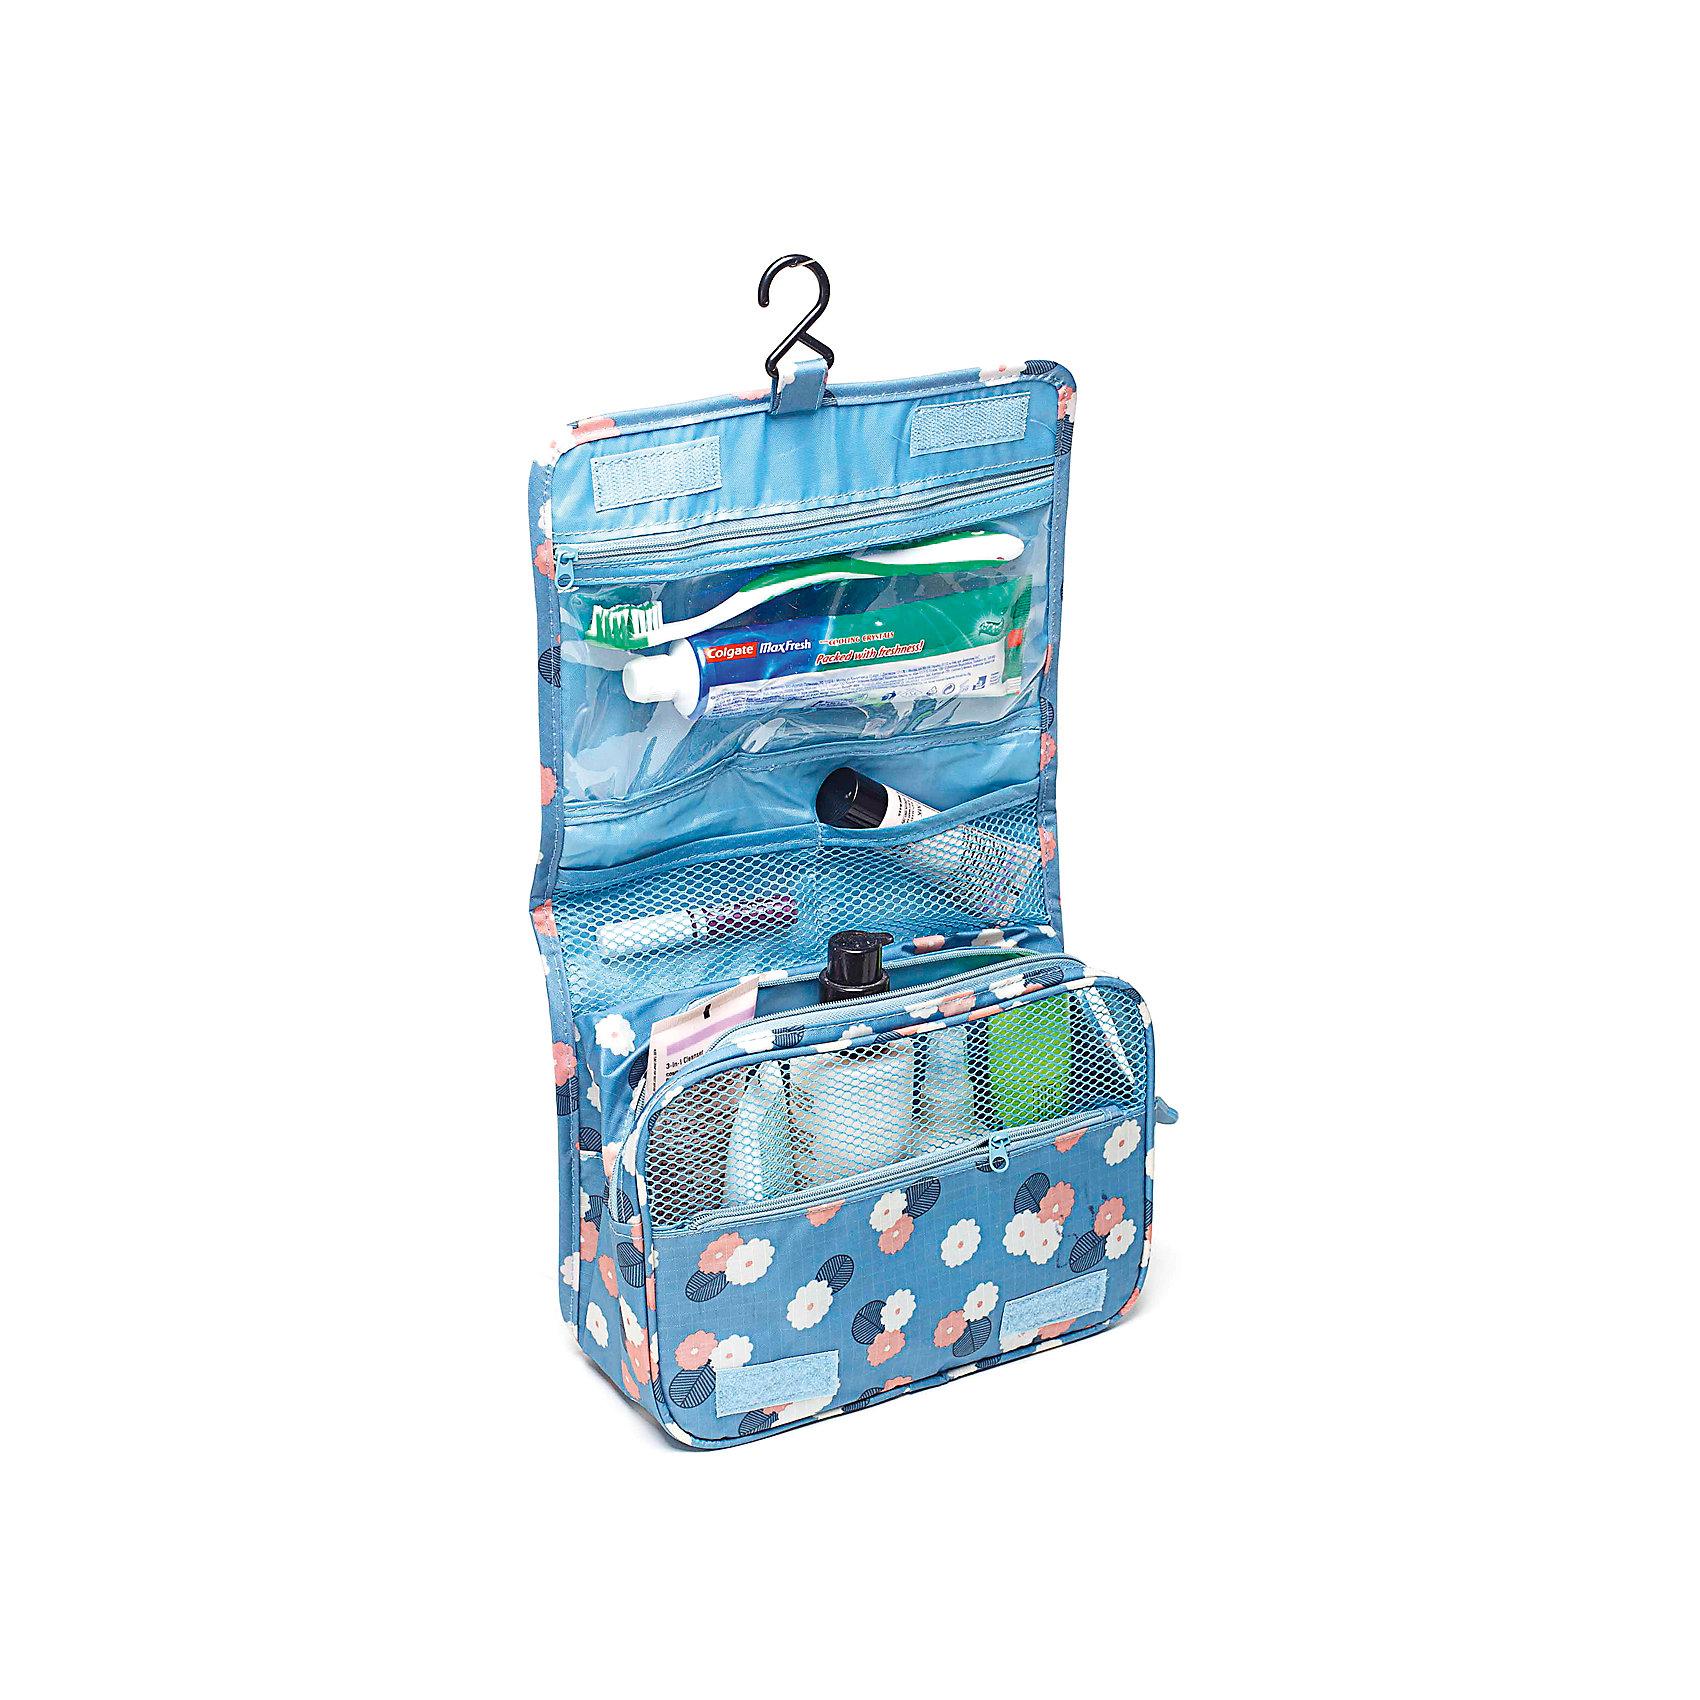 Органайзер в ванную подвесной Цветок, Homsu, синийВанная комната<br>Характеристики товара:<br><br>• цвет: синий<br>• материал: металл, сетка, полиэстер<br>• размер: 24х9х18 см<br>• вес: 200 г<br>• застежка: молния, липучка<br>• крепление: крючок<br>• ручка для переноски<br>• вместимость: карманы на молнии, отделения из сетки<br>• страна бренда: Россия<br>• страна изготовитель: Китай<br><br>Органайзер ванную подвесной Цветок от бренда Homsu (Хомсу) - очень удобная вещь для хранения вещей и эргономичной организации пространства.<br><br>Он легкий, вместительный, имеет удобную ручку для переноски, можно использовать как отдельный аксессуар.<br><br>Органайзер в ванную подвесной Цветок, Homsu можно купить в нашем интернет-магазине.<br><br>Ширина мм: 240<br>Глубина мм: 95<br>Высота мм: 185<br>Вес г: 200<br>Возраст от месяцев: 216<br>Возраст до месяцев: 1188<br>Пол: Унисекс<br>Возраст: Детский<br>SKU: 5620290